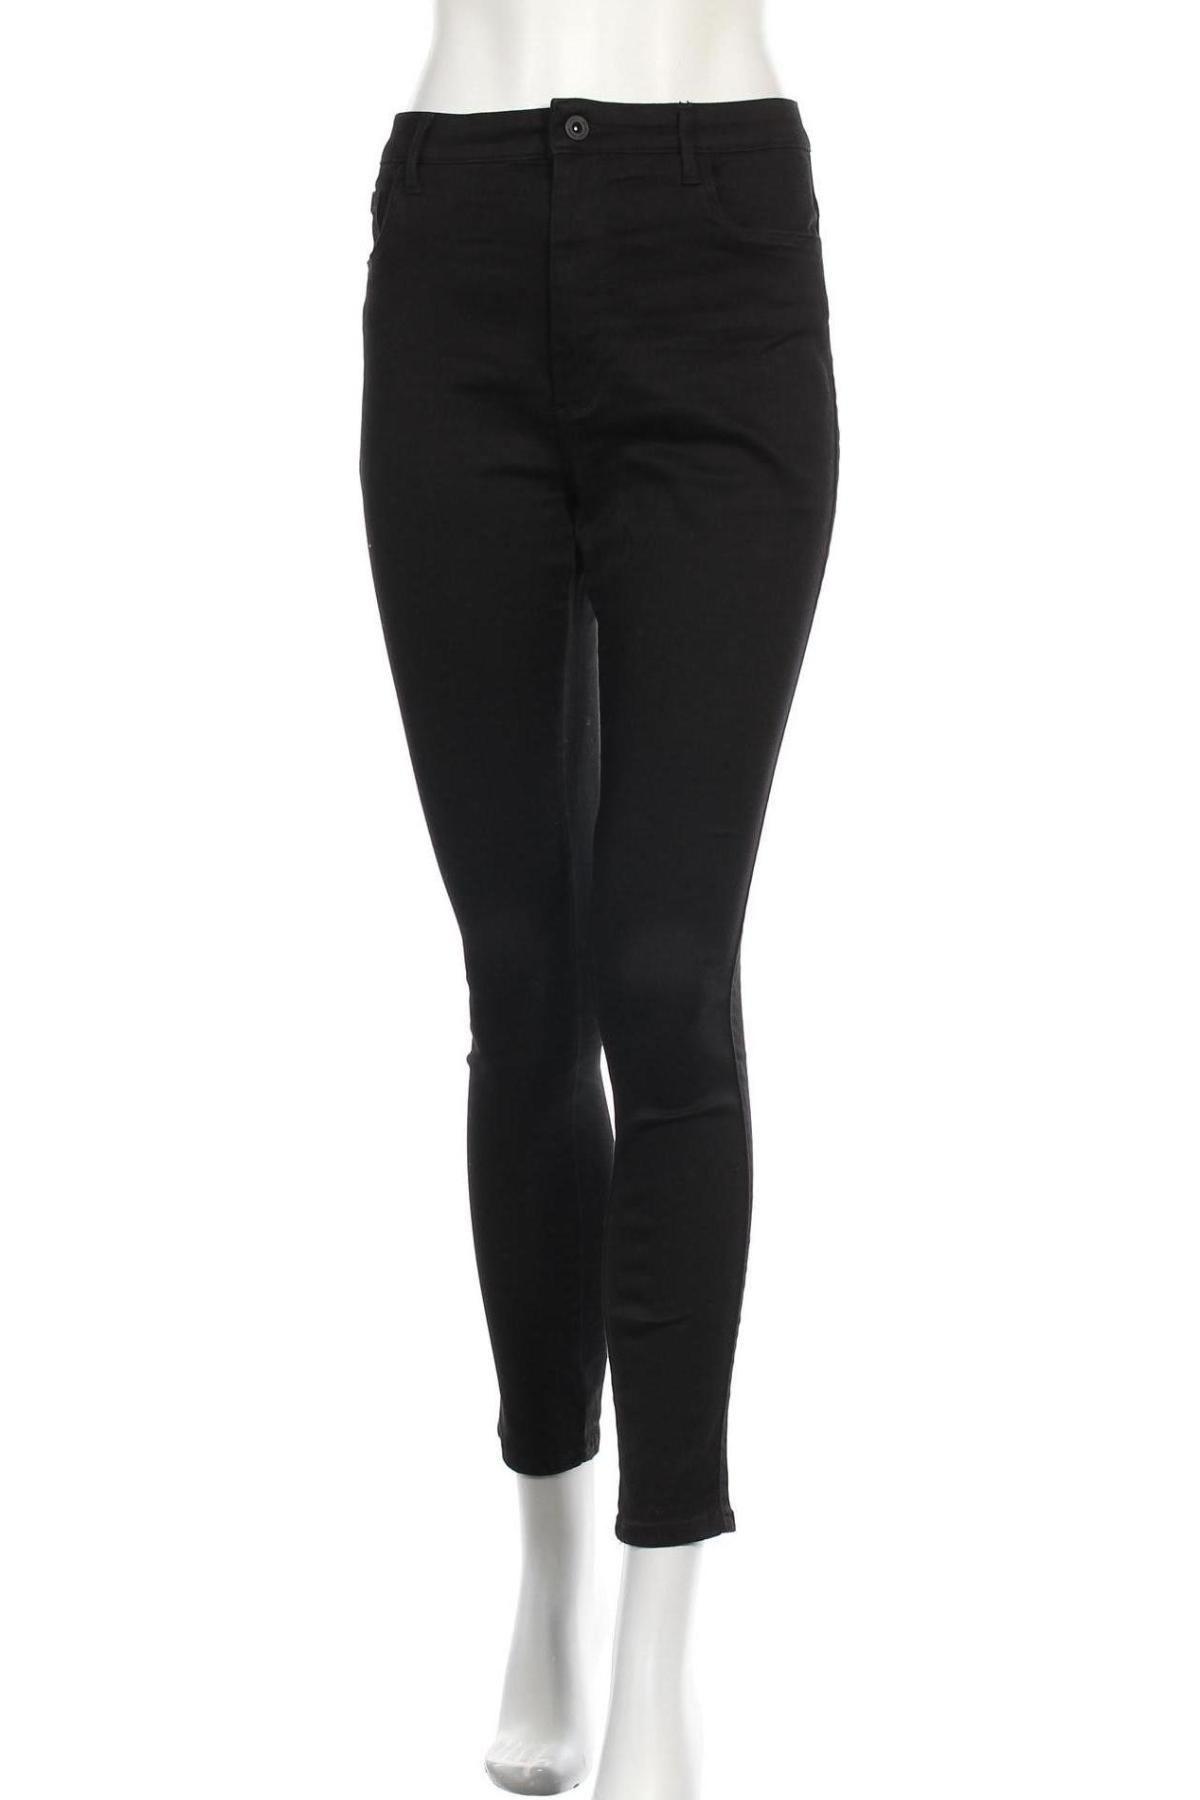 Дамски дънки ONLY, Размер L, Цвят Черен, 29% полиестер, 2% еластан, 69% памук, Цена 42,00лв.